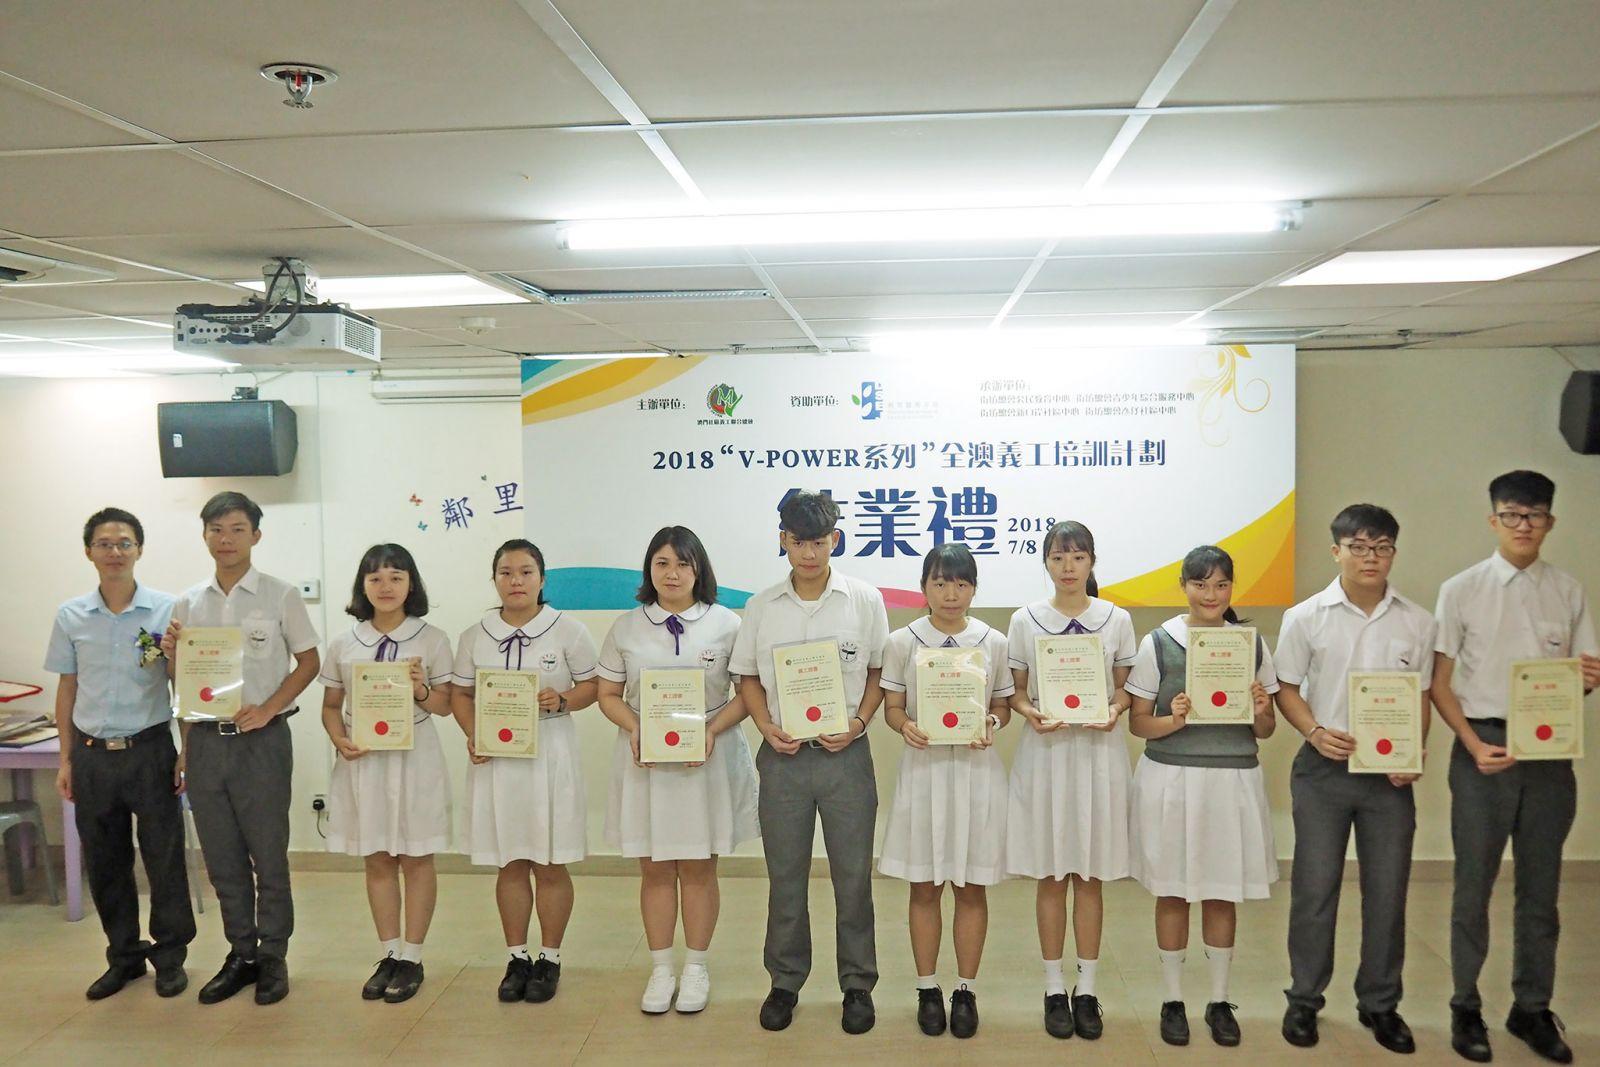 150名學員獲頒證書